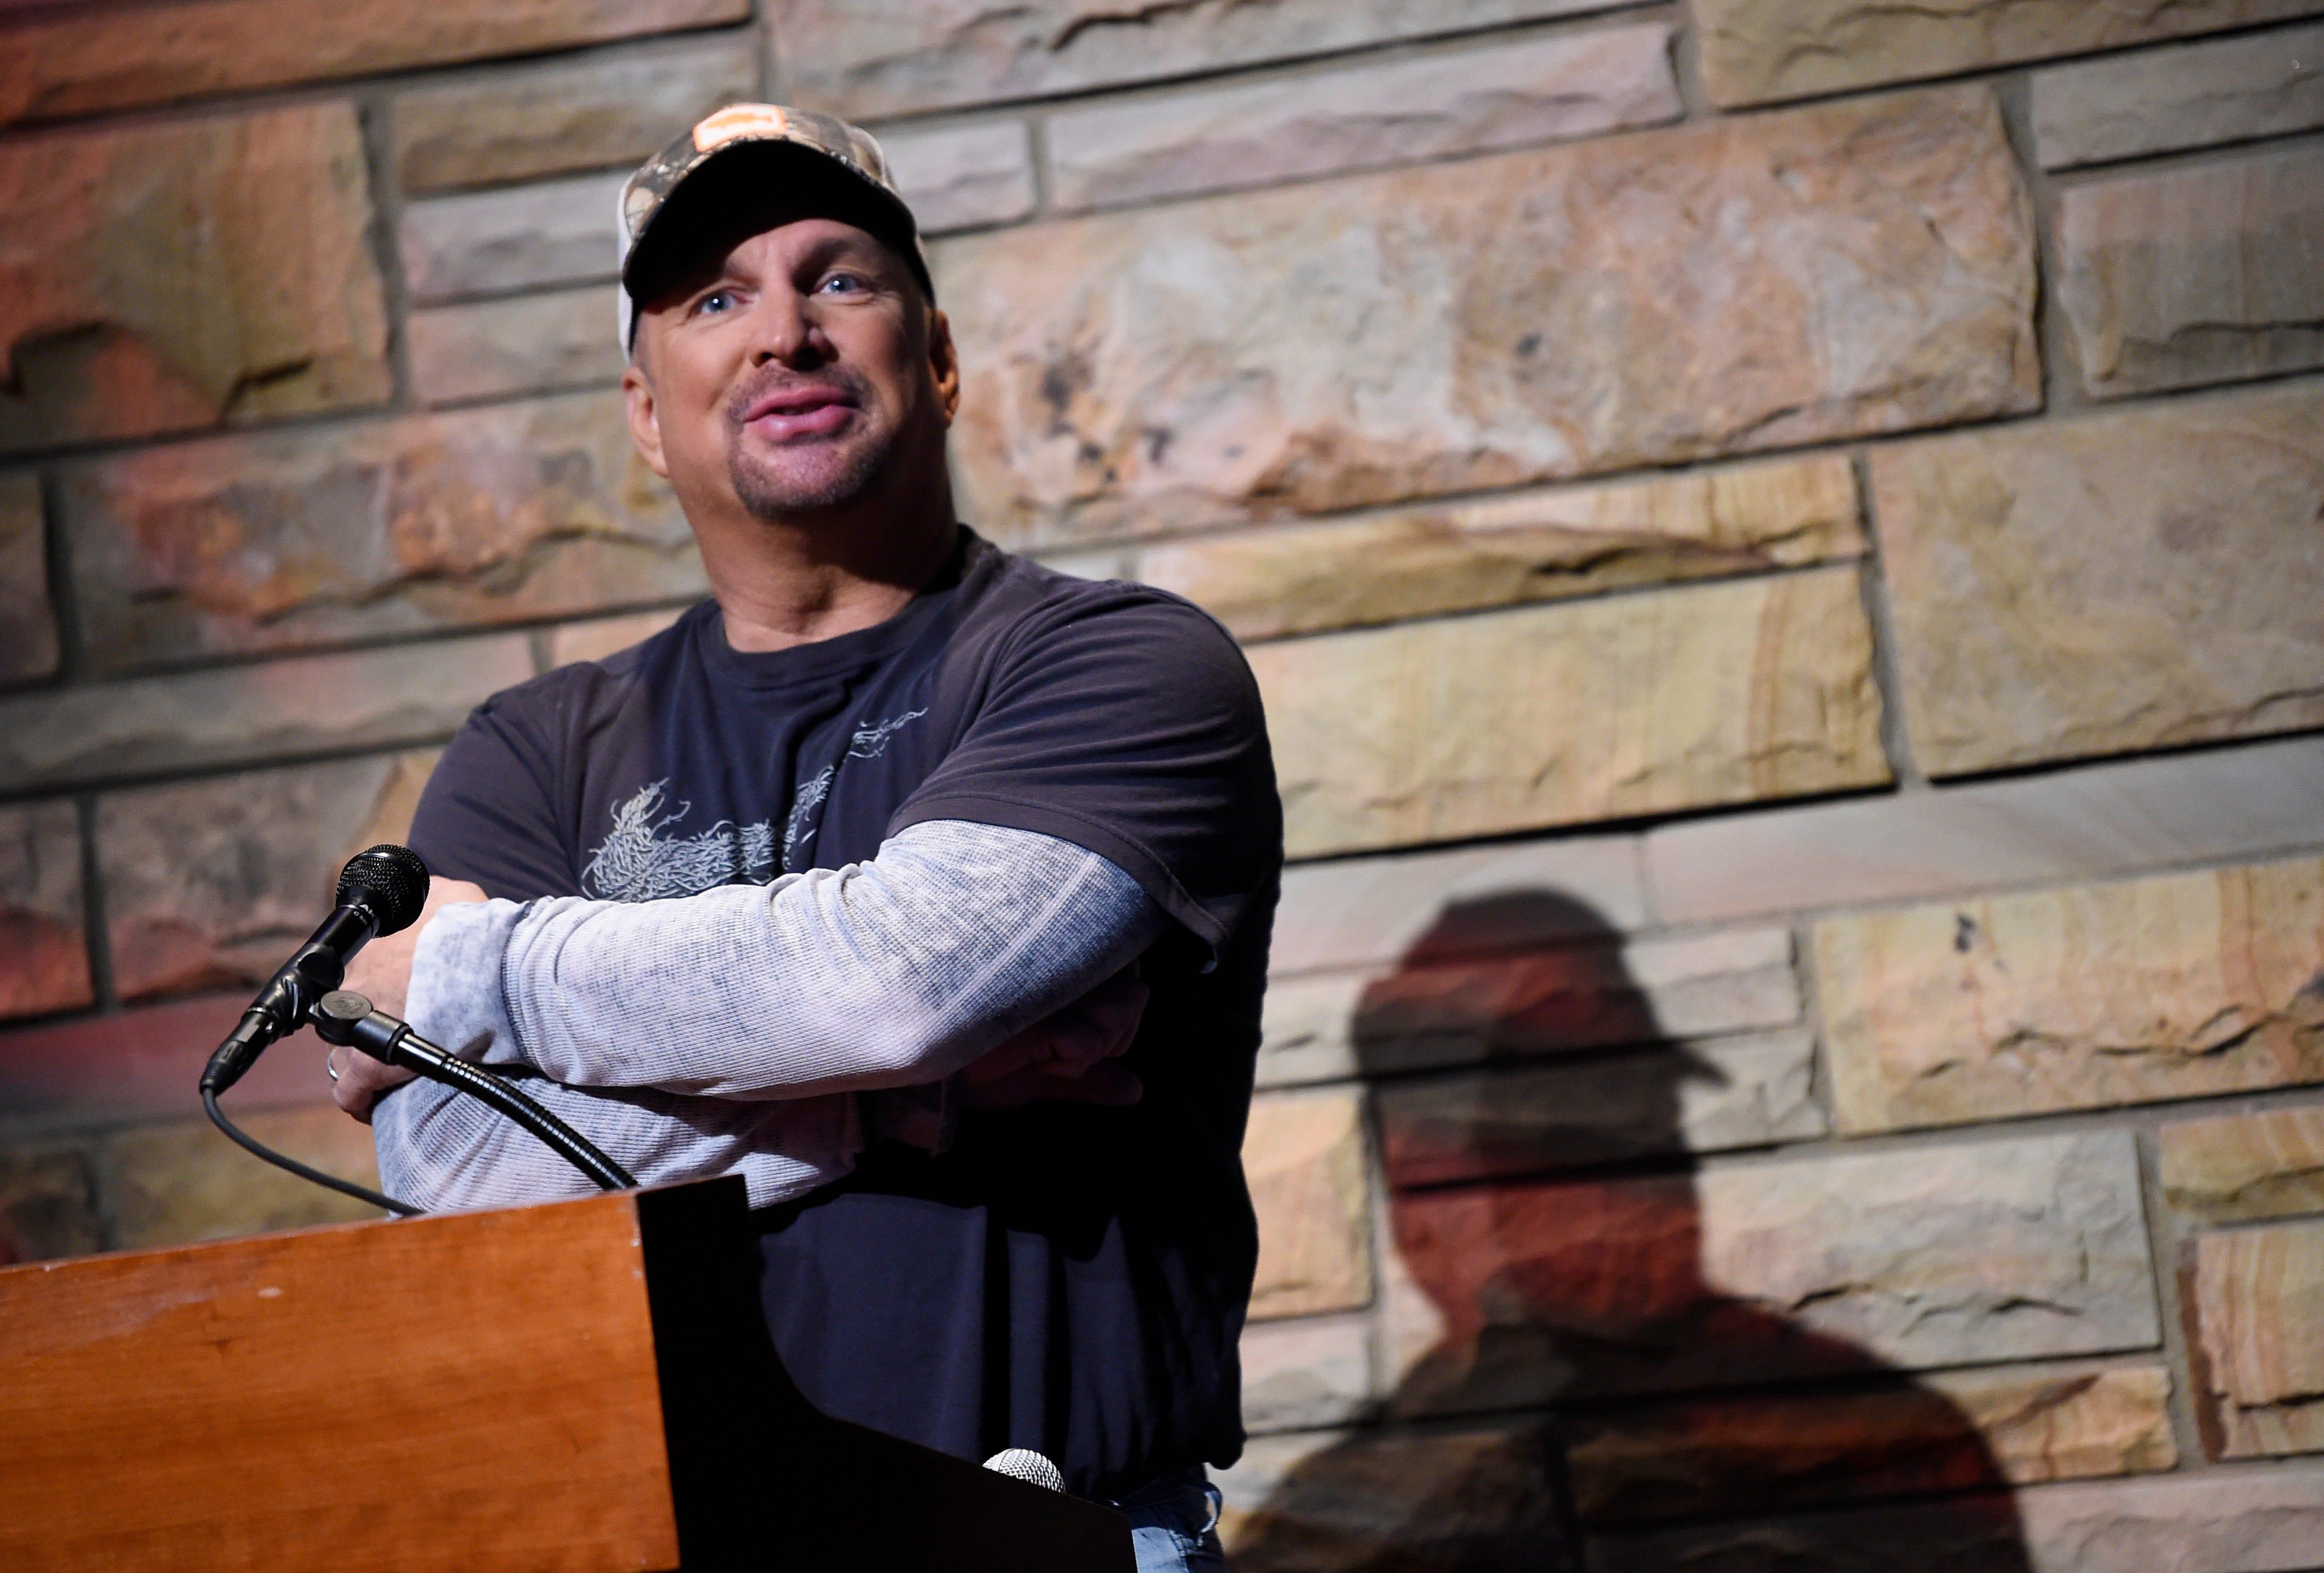 Garth Brooks reveals 2019 stadium tour